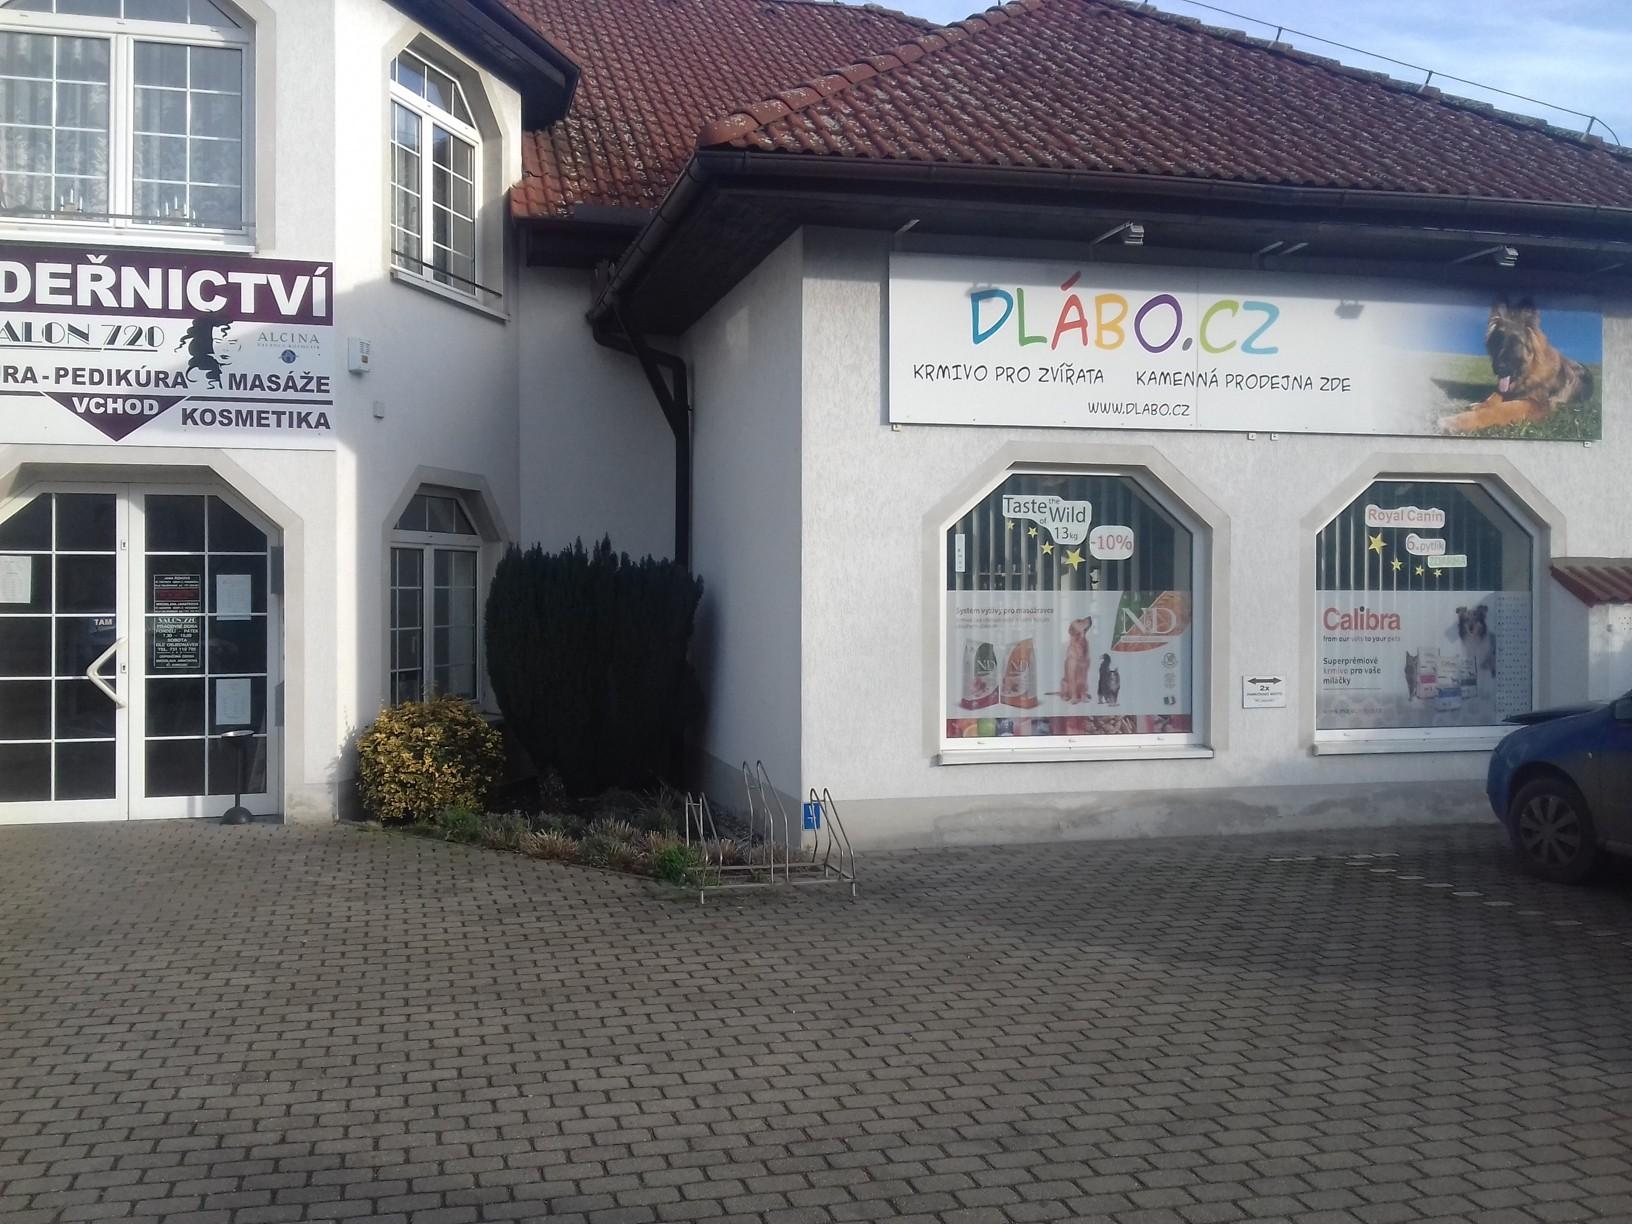 Pobočka Mělník, Bezručova 720/58 (DLÁBO.CZ)